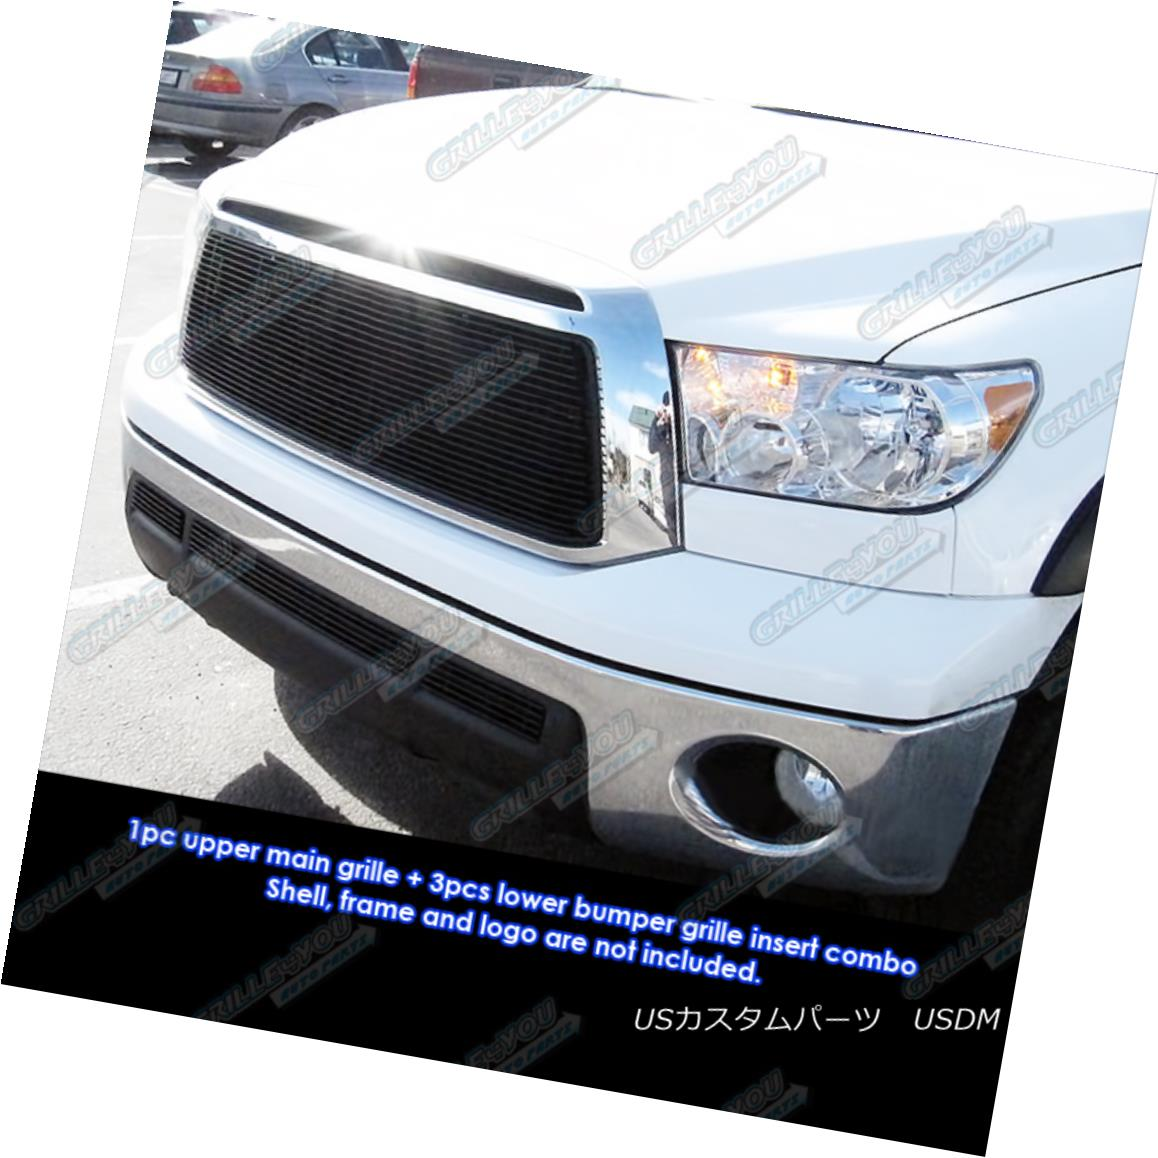 グリル Fits 2010-2013 Toyota Tundra Black Billet Grille Grill Insert Combo フィット2010-2013トヨタトンドラブラックビレットグリルグリルインサートコンボ